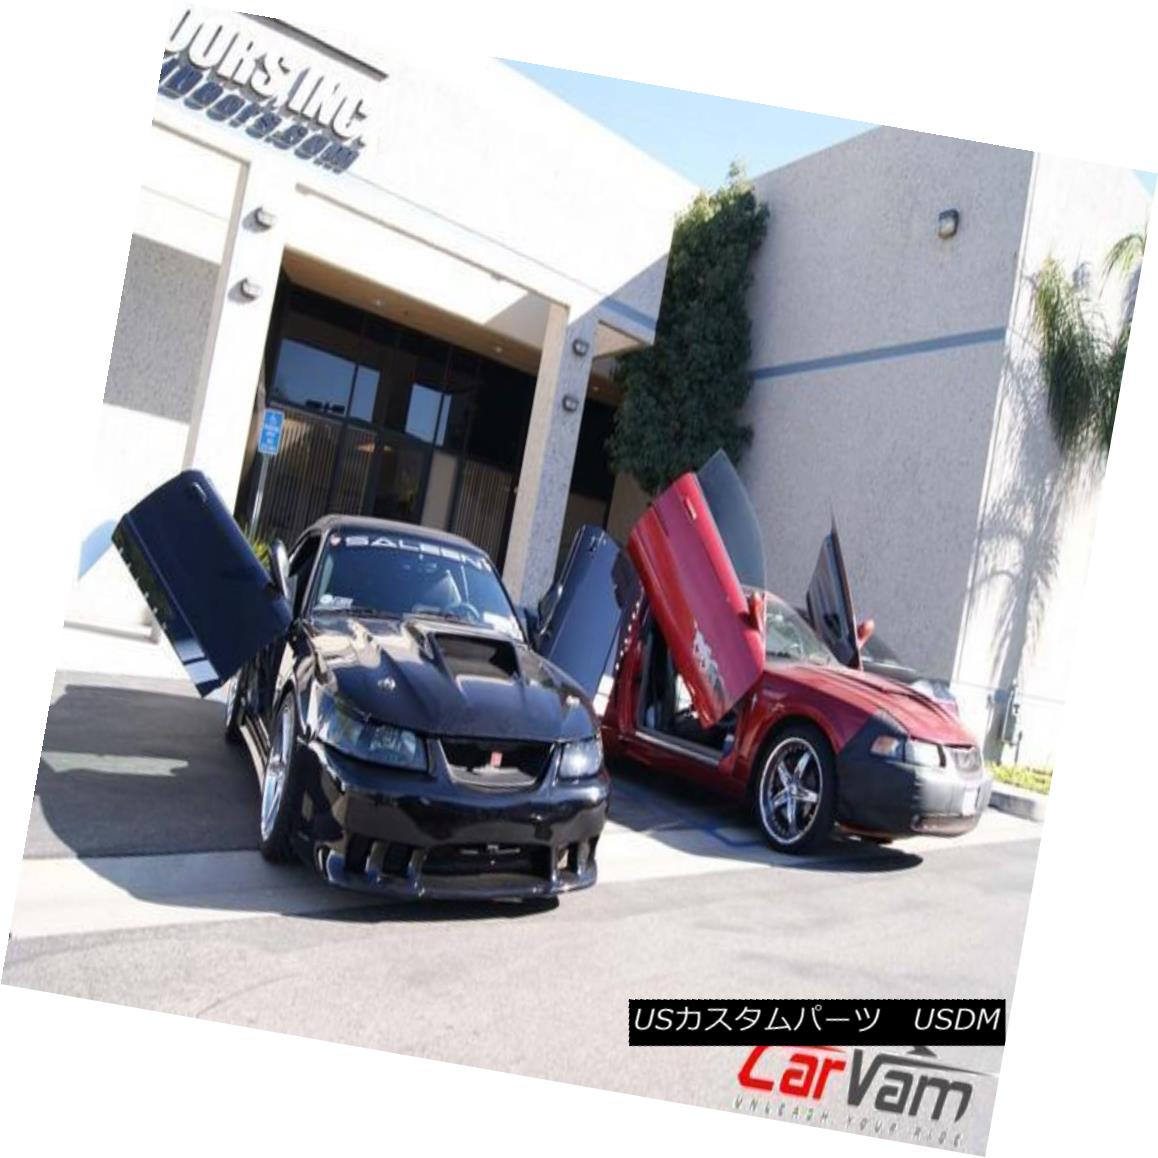 ガルウィングキット Vertical Doors - Vertical Lambo Door Kit For Ford Mustang 1999-04 垂直ドア - フォードマスタングのための垂直型ランボルギーニドアキット1999-04